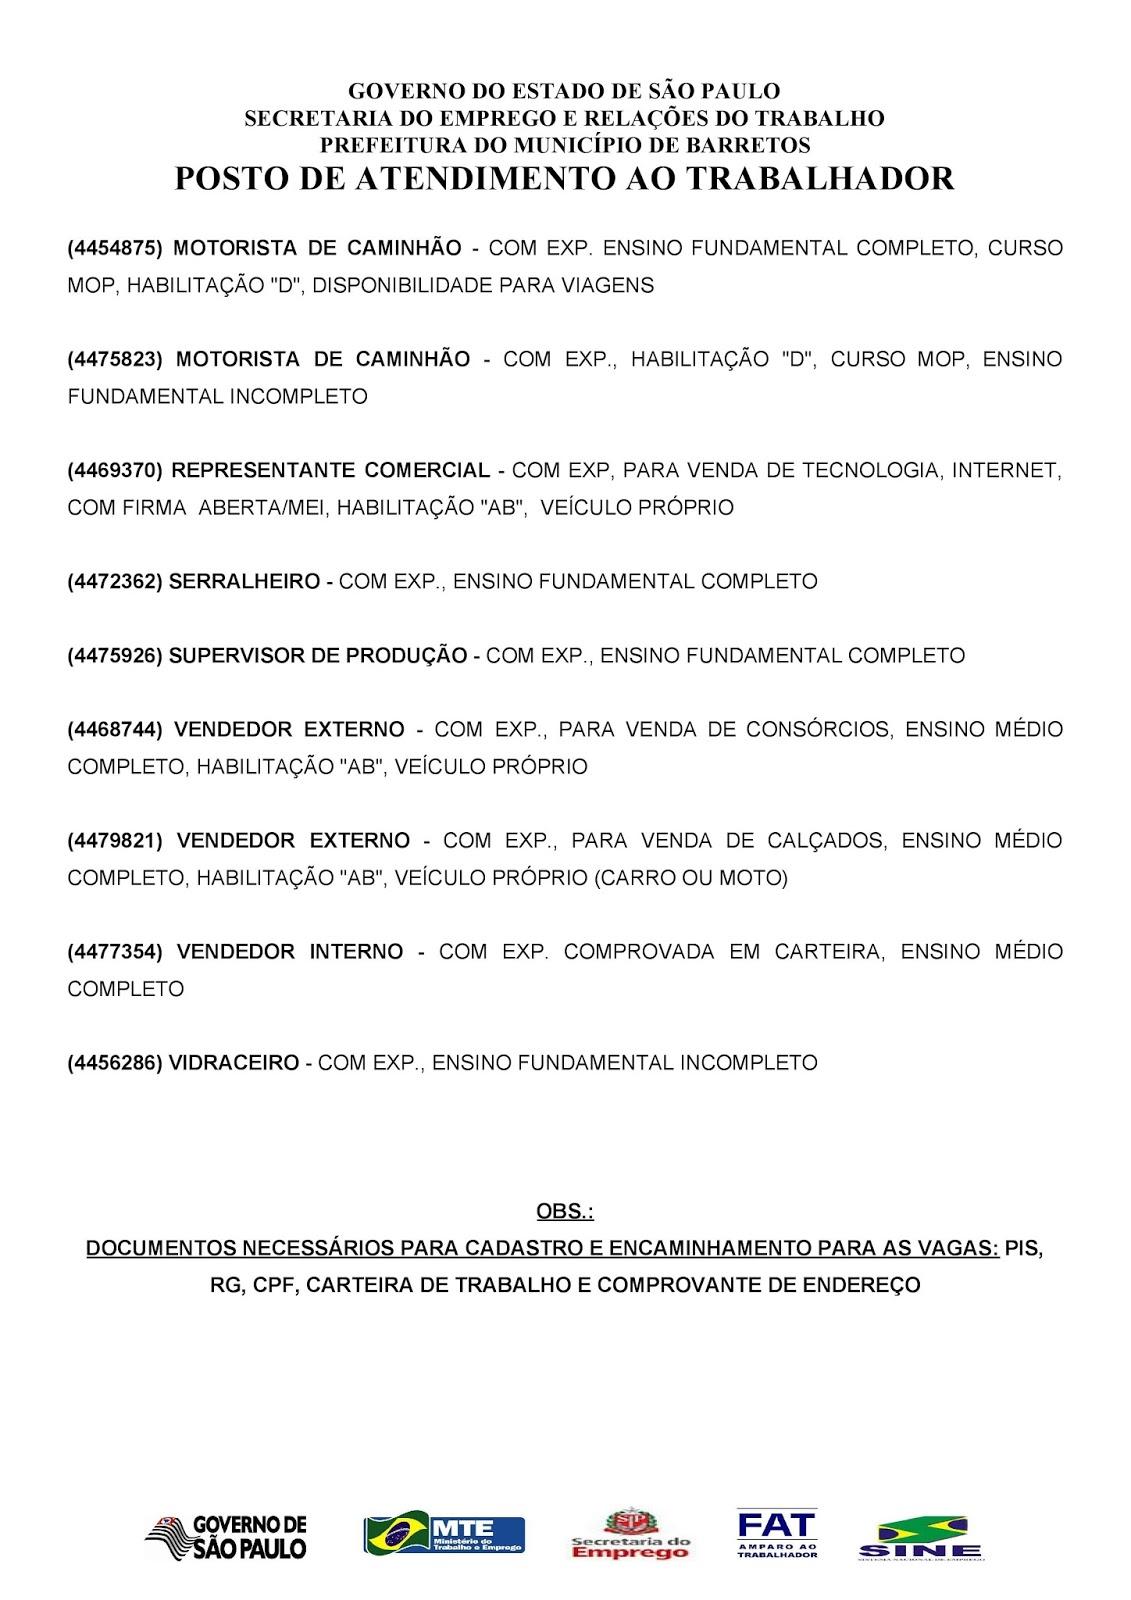 VAGAS DE EMPREGO DO PAT BARRETOS-SP PARA 24/04/2018 TERÇA-FEIRA - Pag. 2